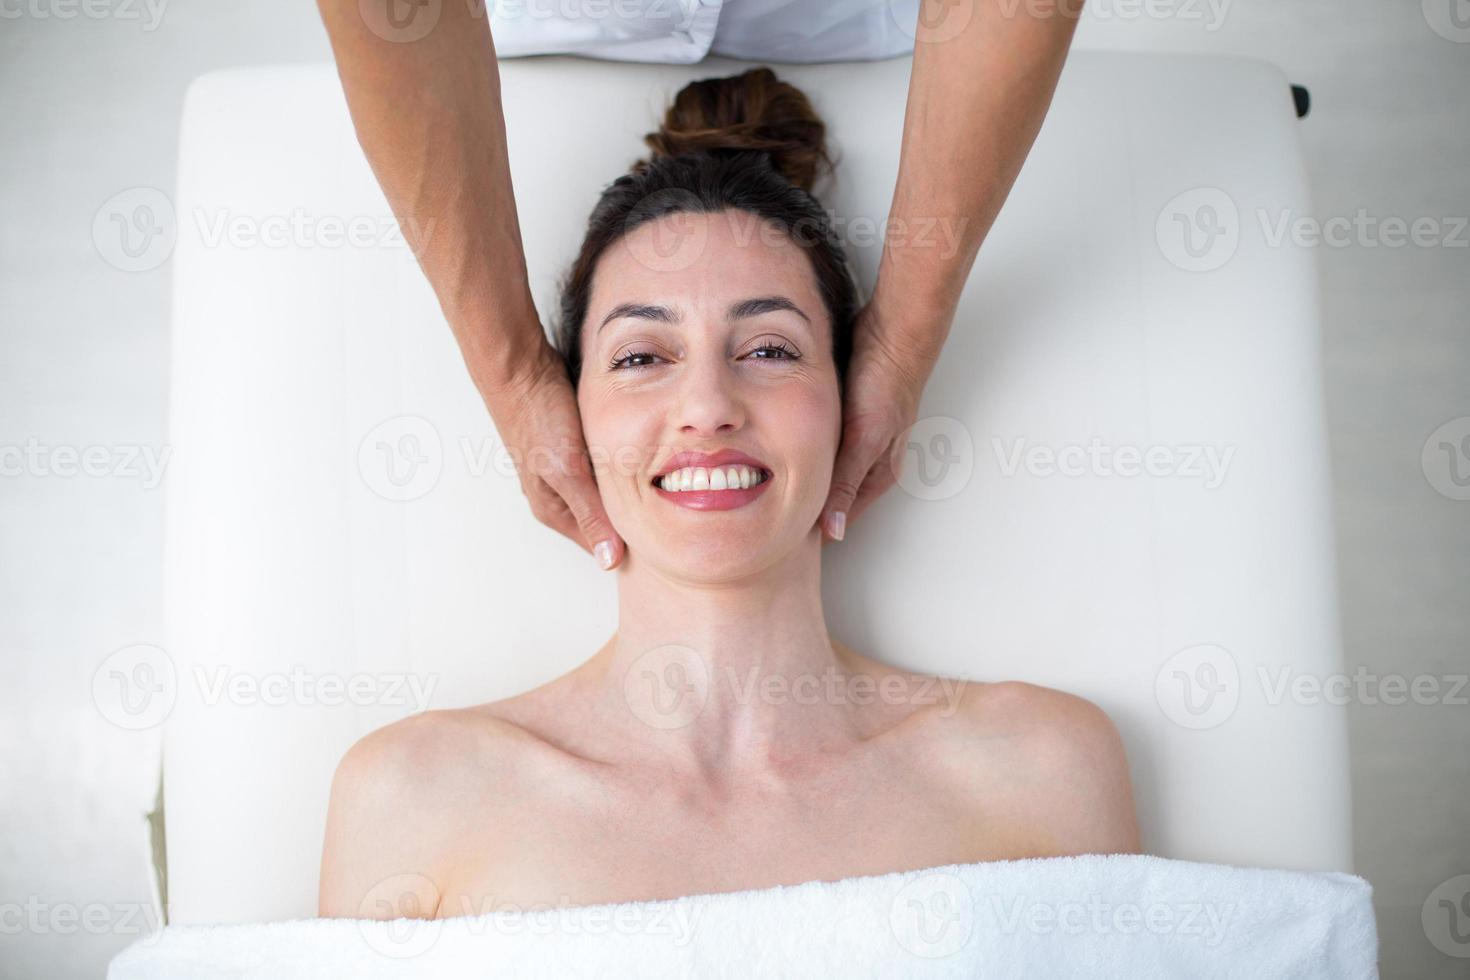 fysiotherapeut die nekmassage doet foto